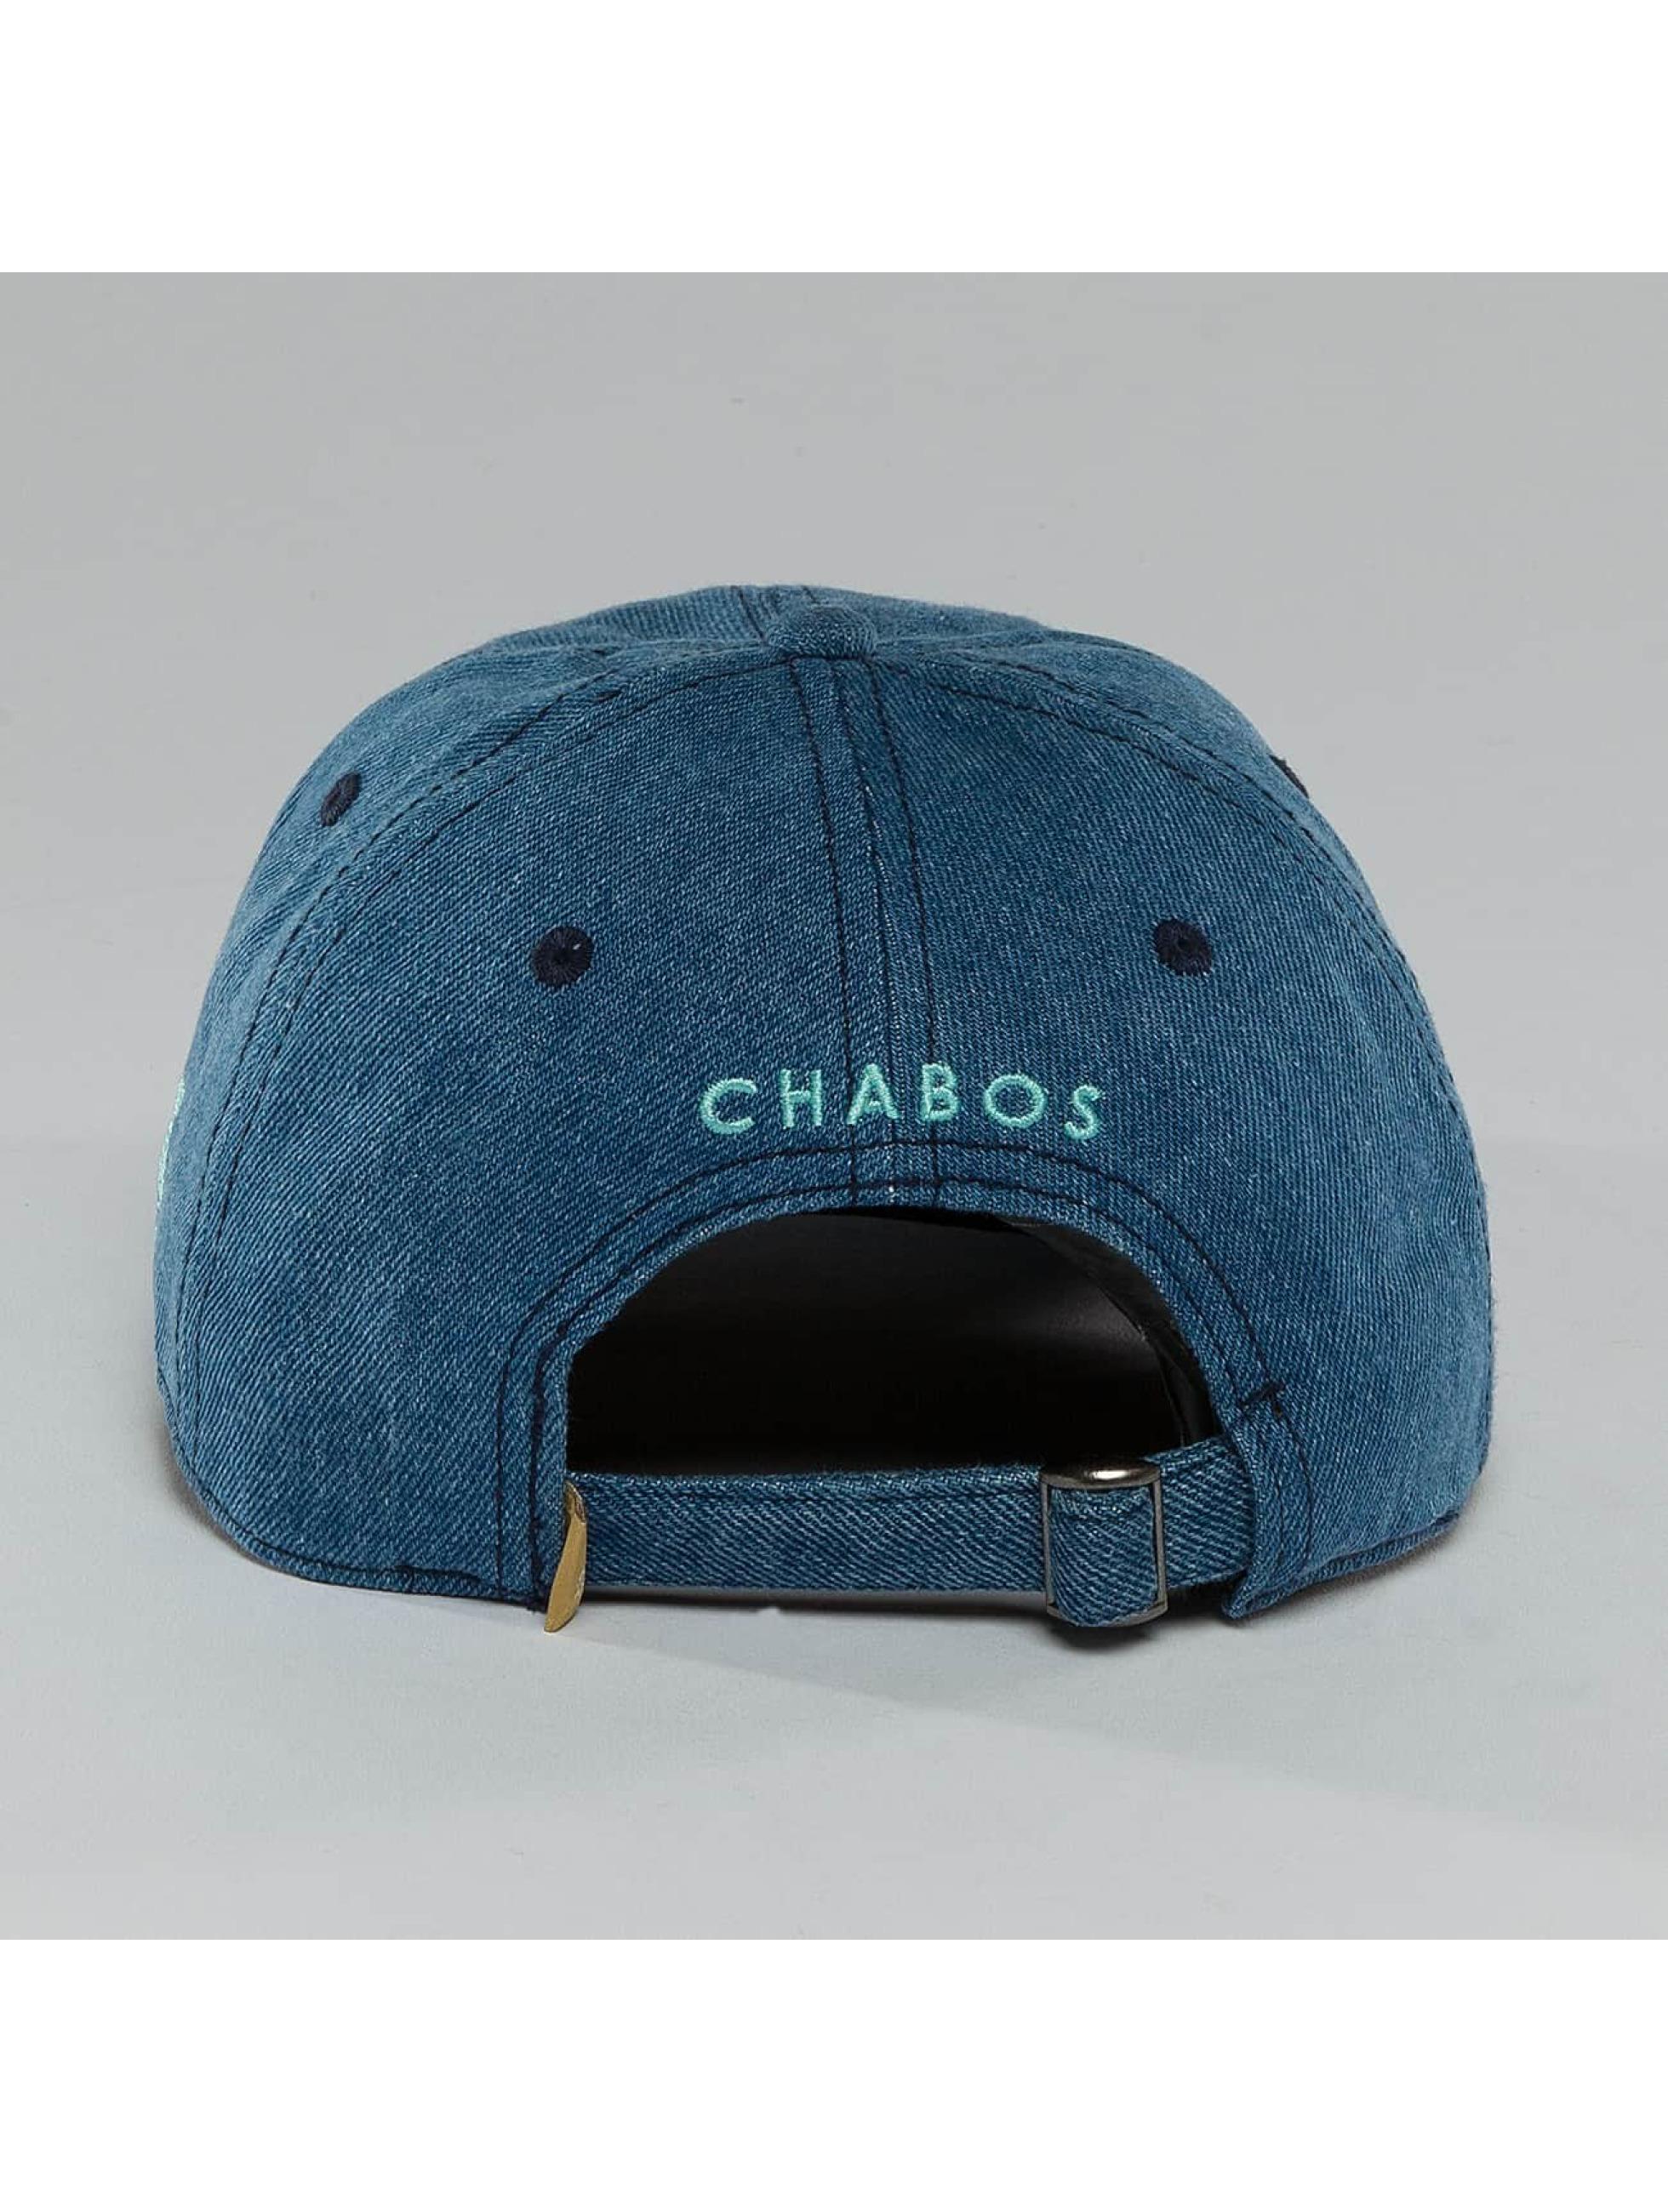 CHABOS IIVII Gorra Snapback Pyramid azul